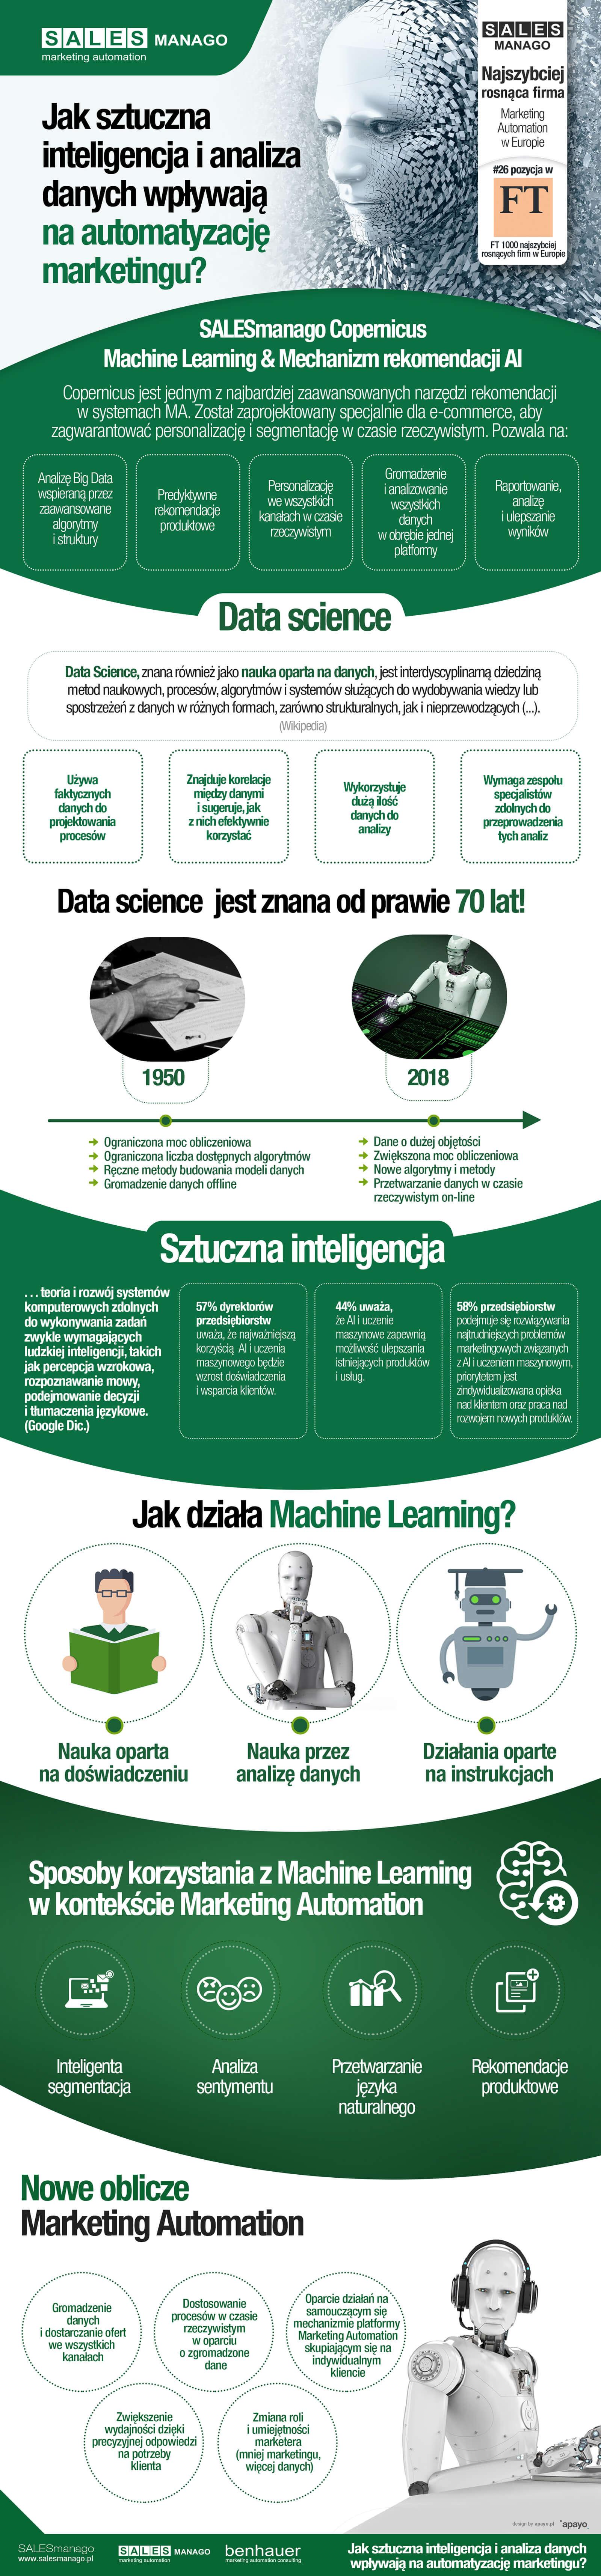 Jak sztuczna inteligencja i analiza danych wpływają na automatyzację marketingu?